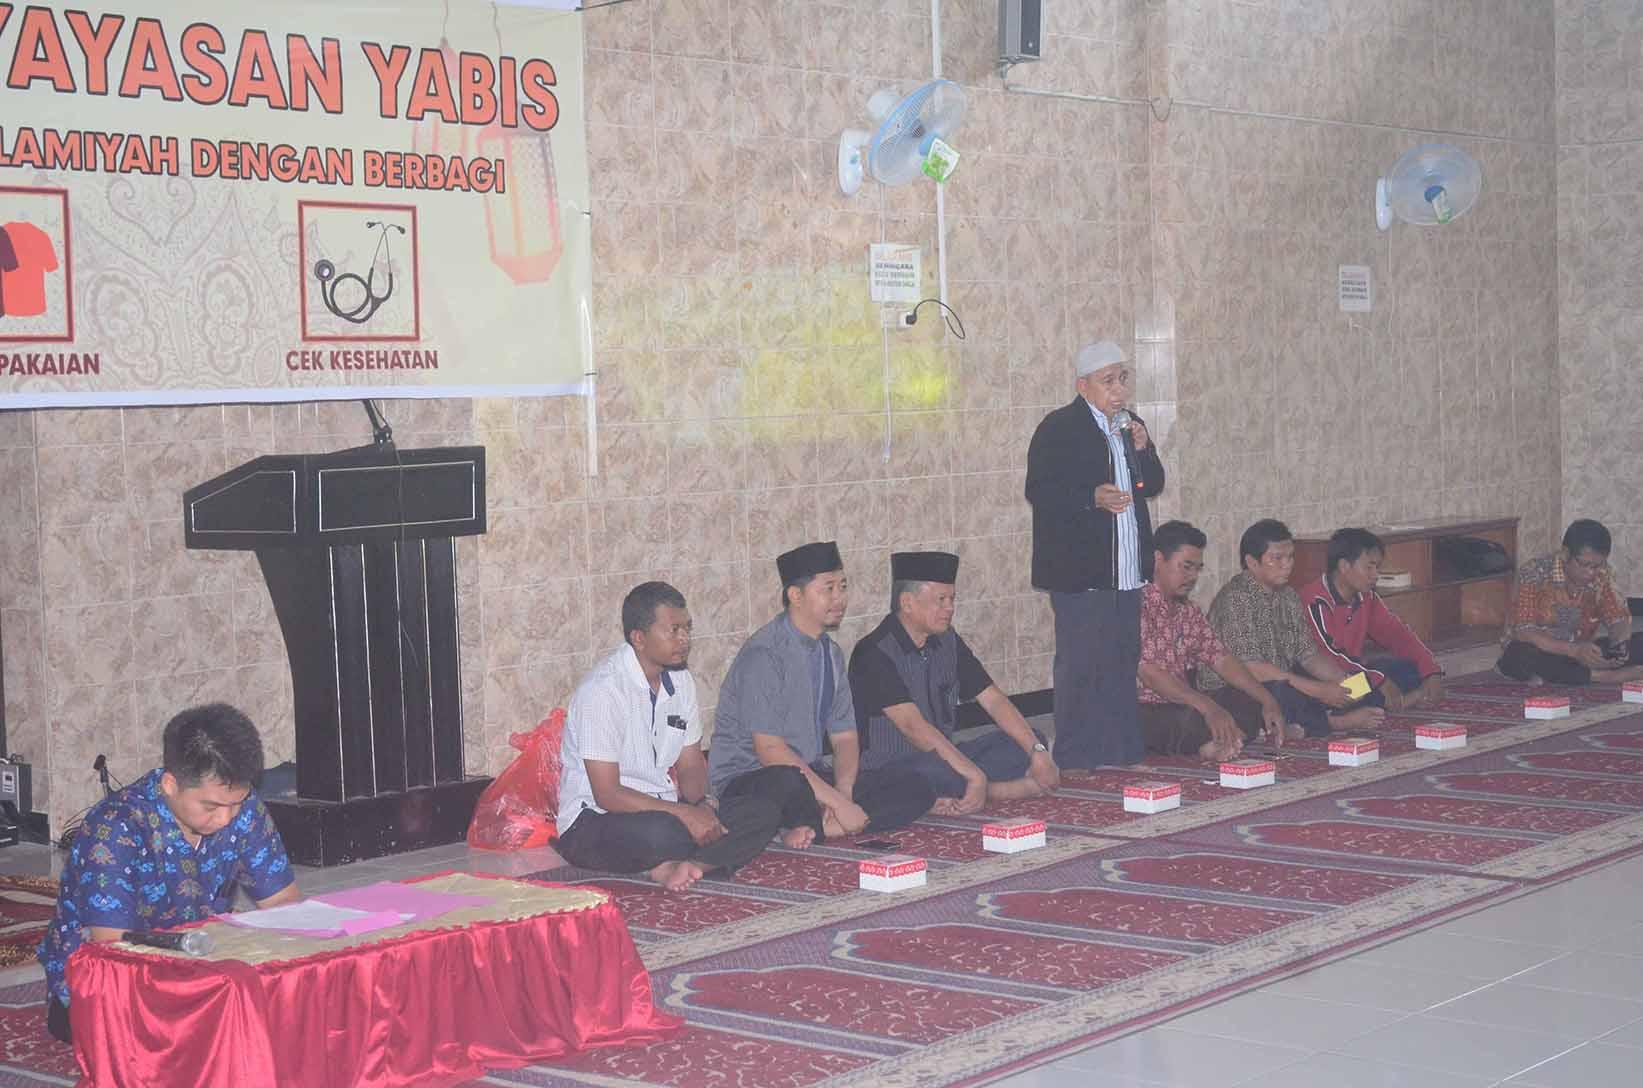 Acara ceremonial kegiatan Baksos, Bazar, dan Cek Kesehatan